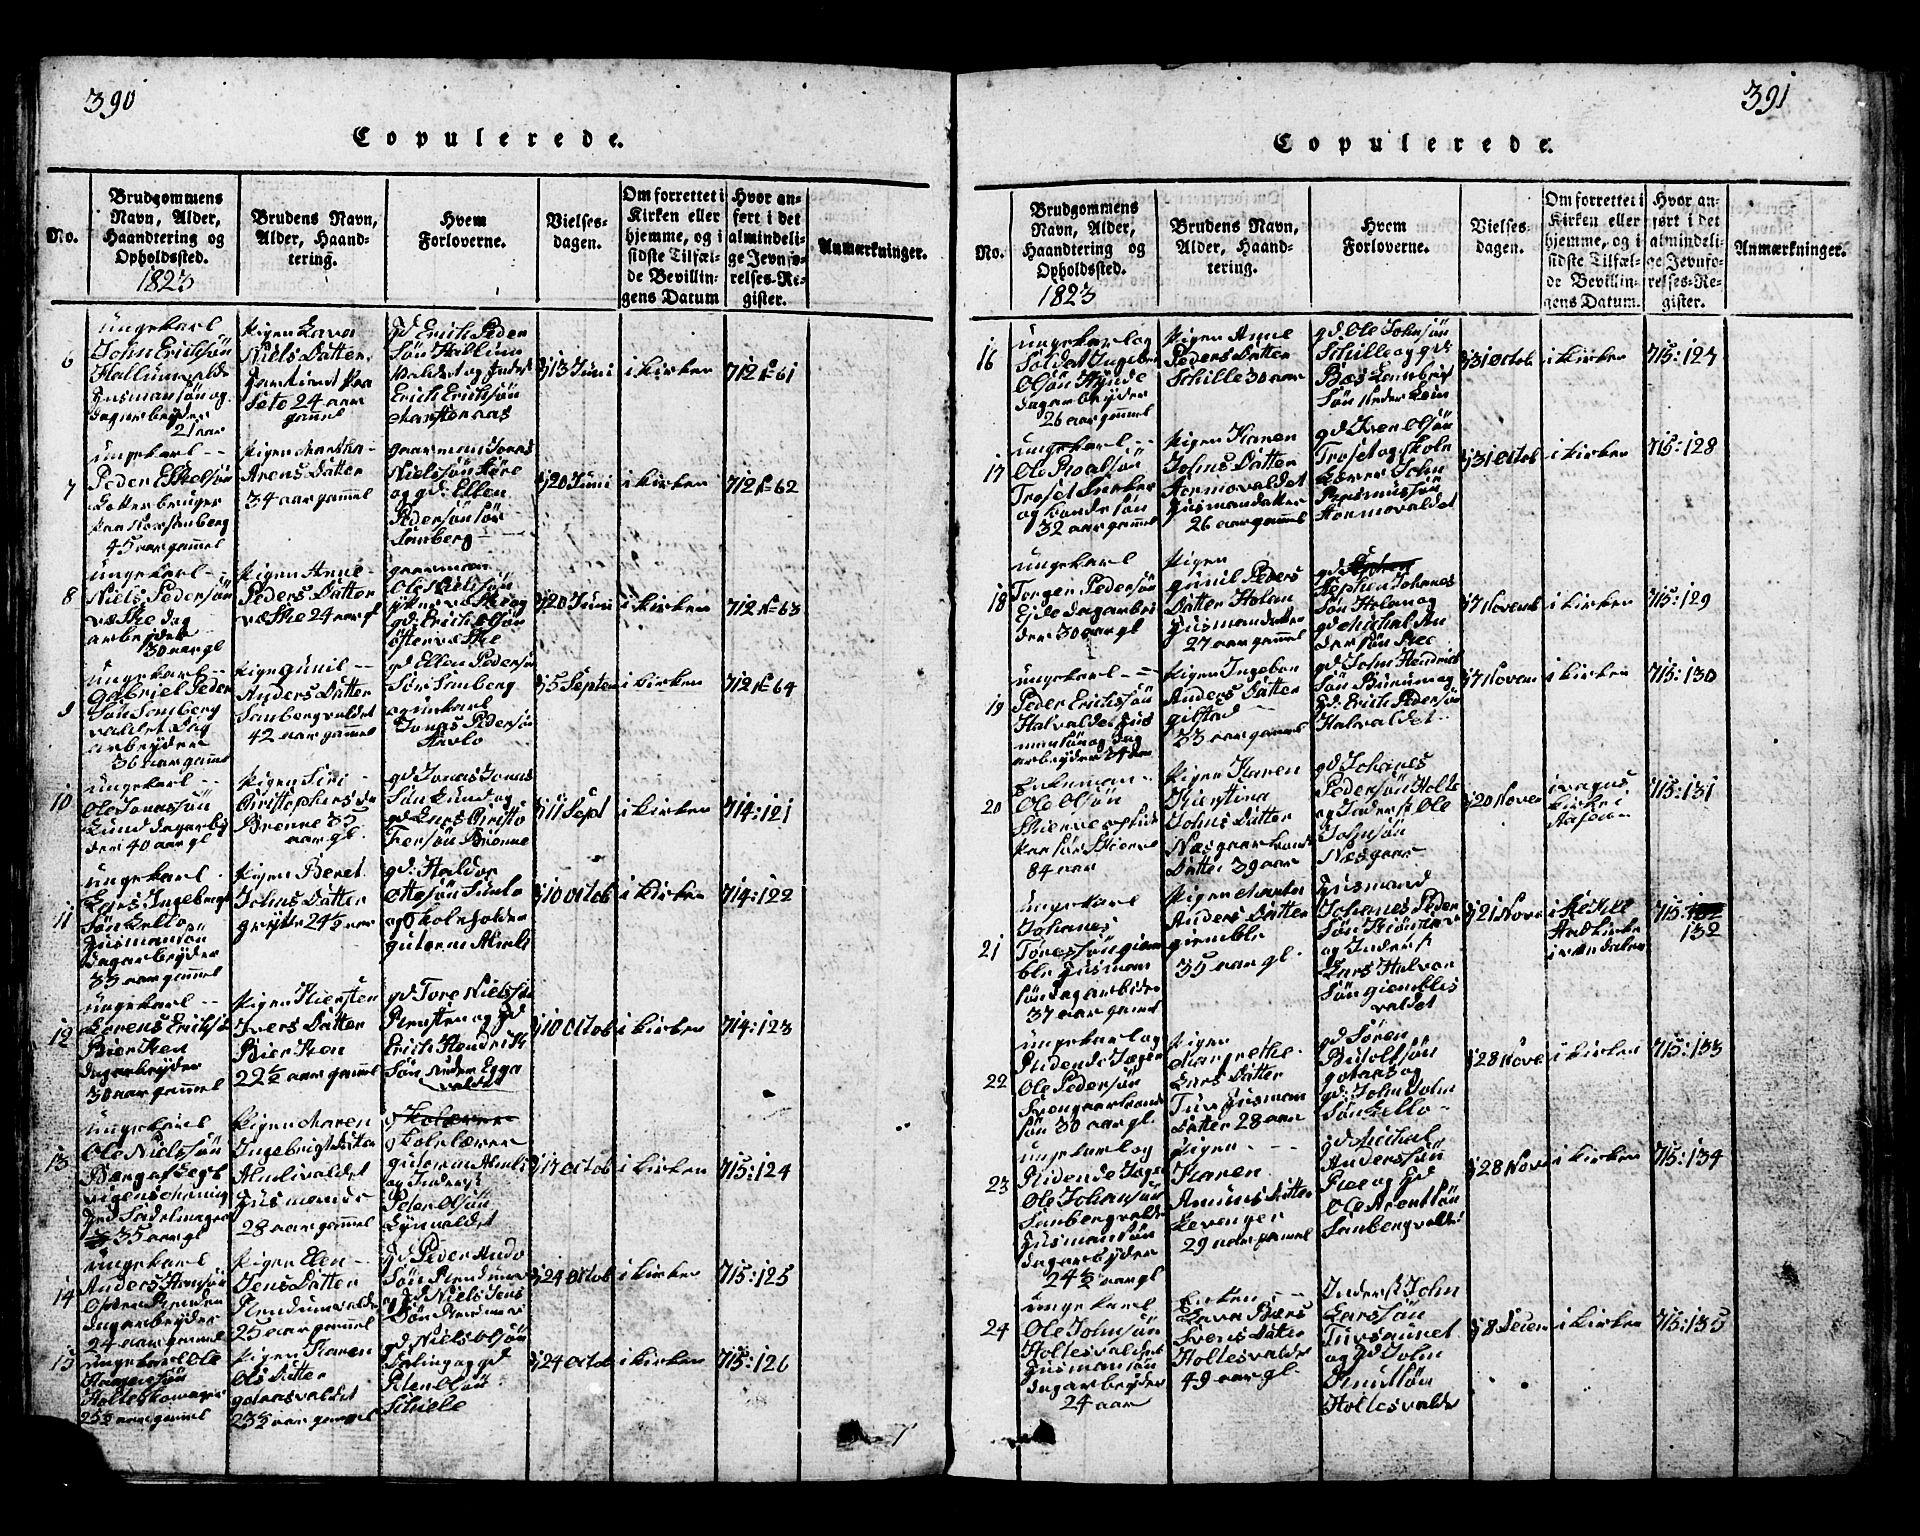 SAT, Ministerialprotokoller, klokkerbøker og fødselsregistre - Nord-Trøndelag, 717/L0169: Klokkerbok nr. 717C01, 1816-1834, s. 390-391